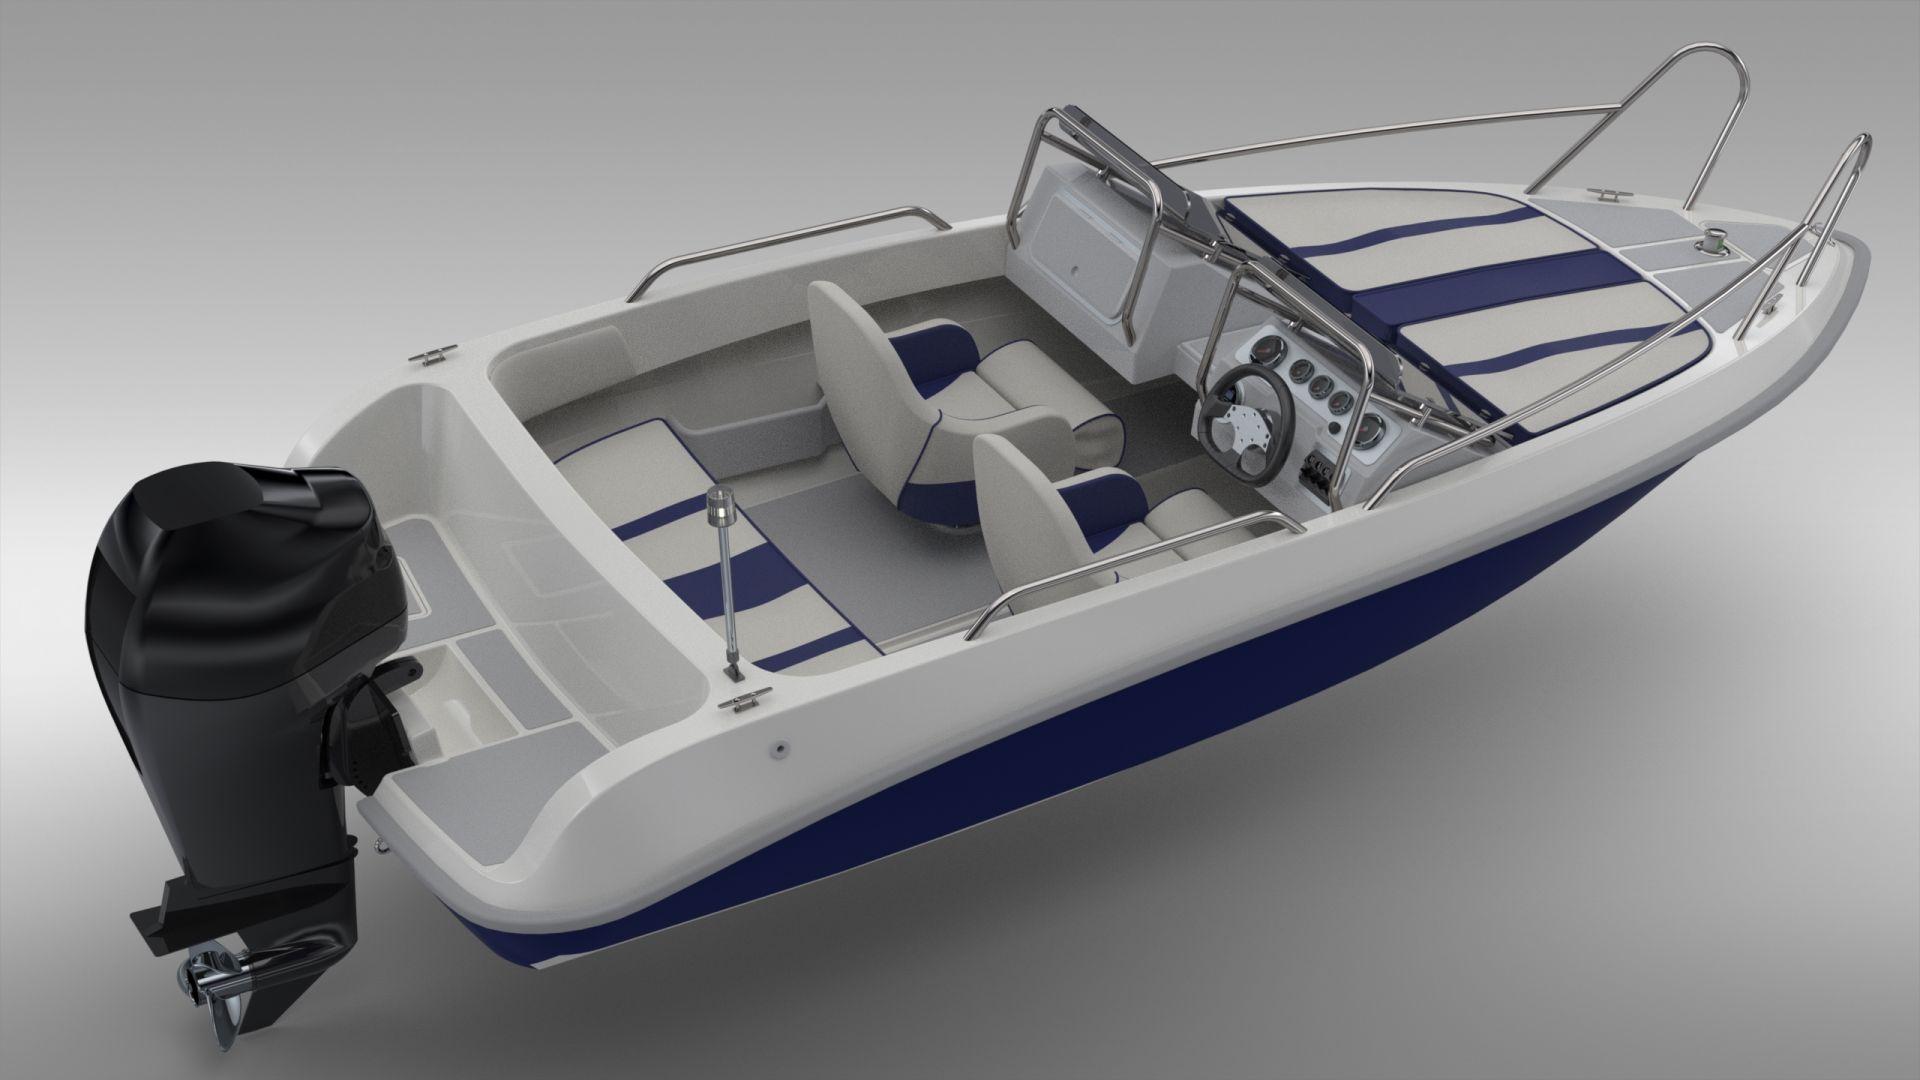 Купить лодку дельта в спб